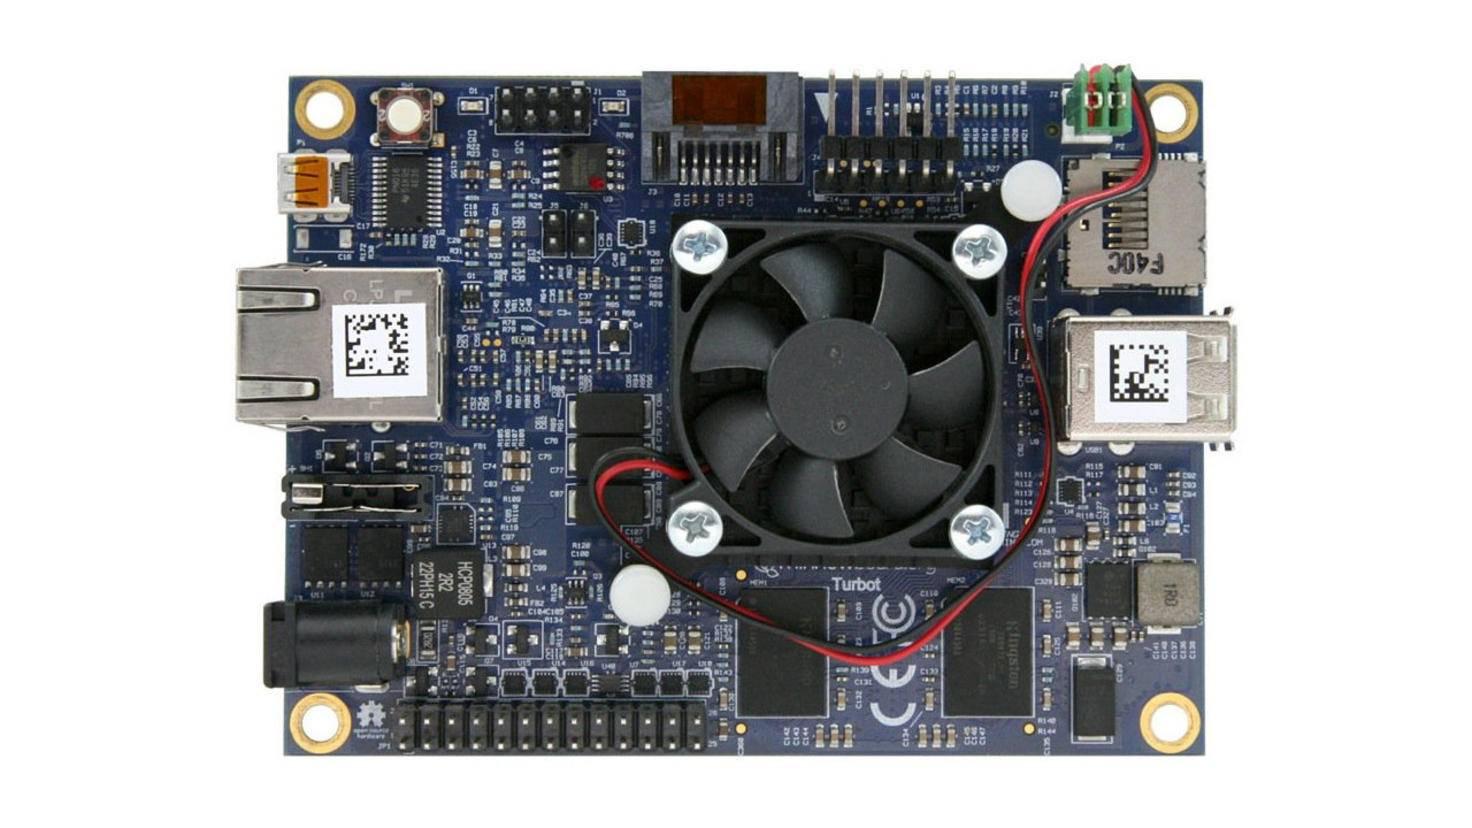 minnowboard_turbotquad-einplatinencomputer